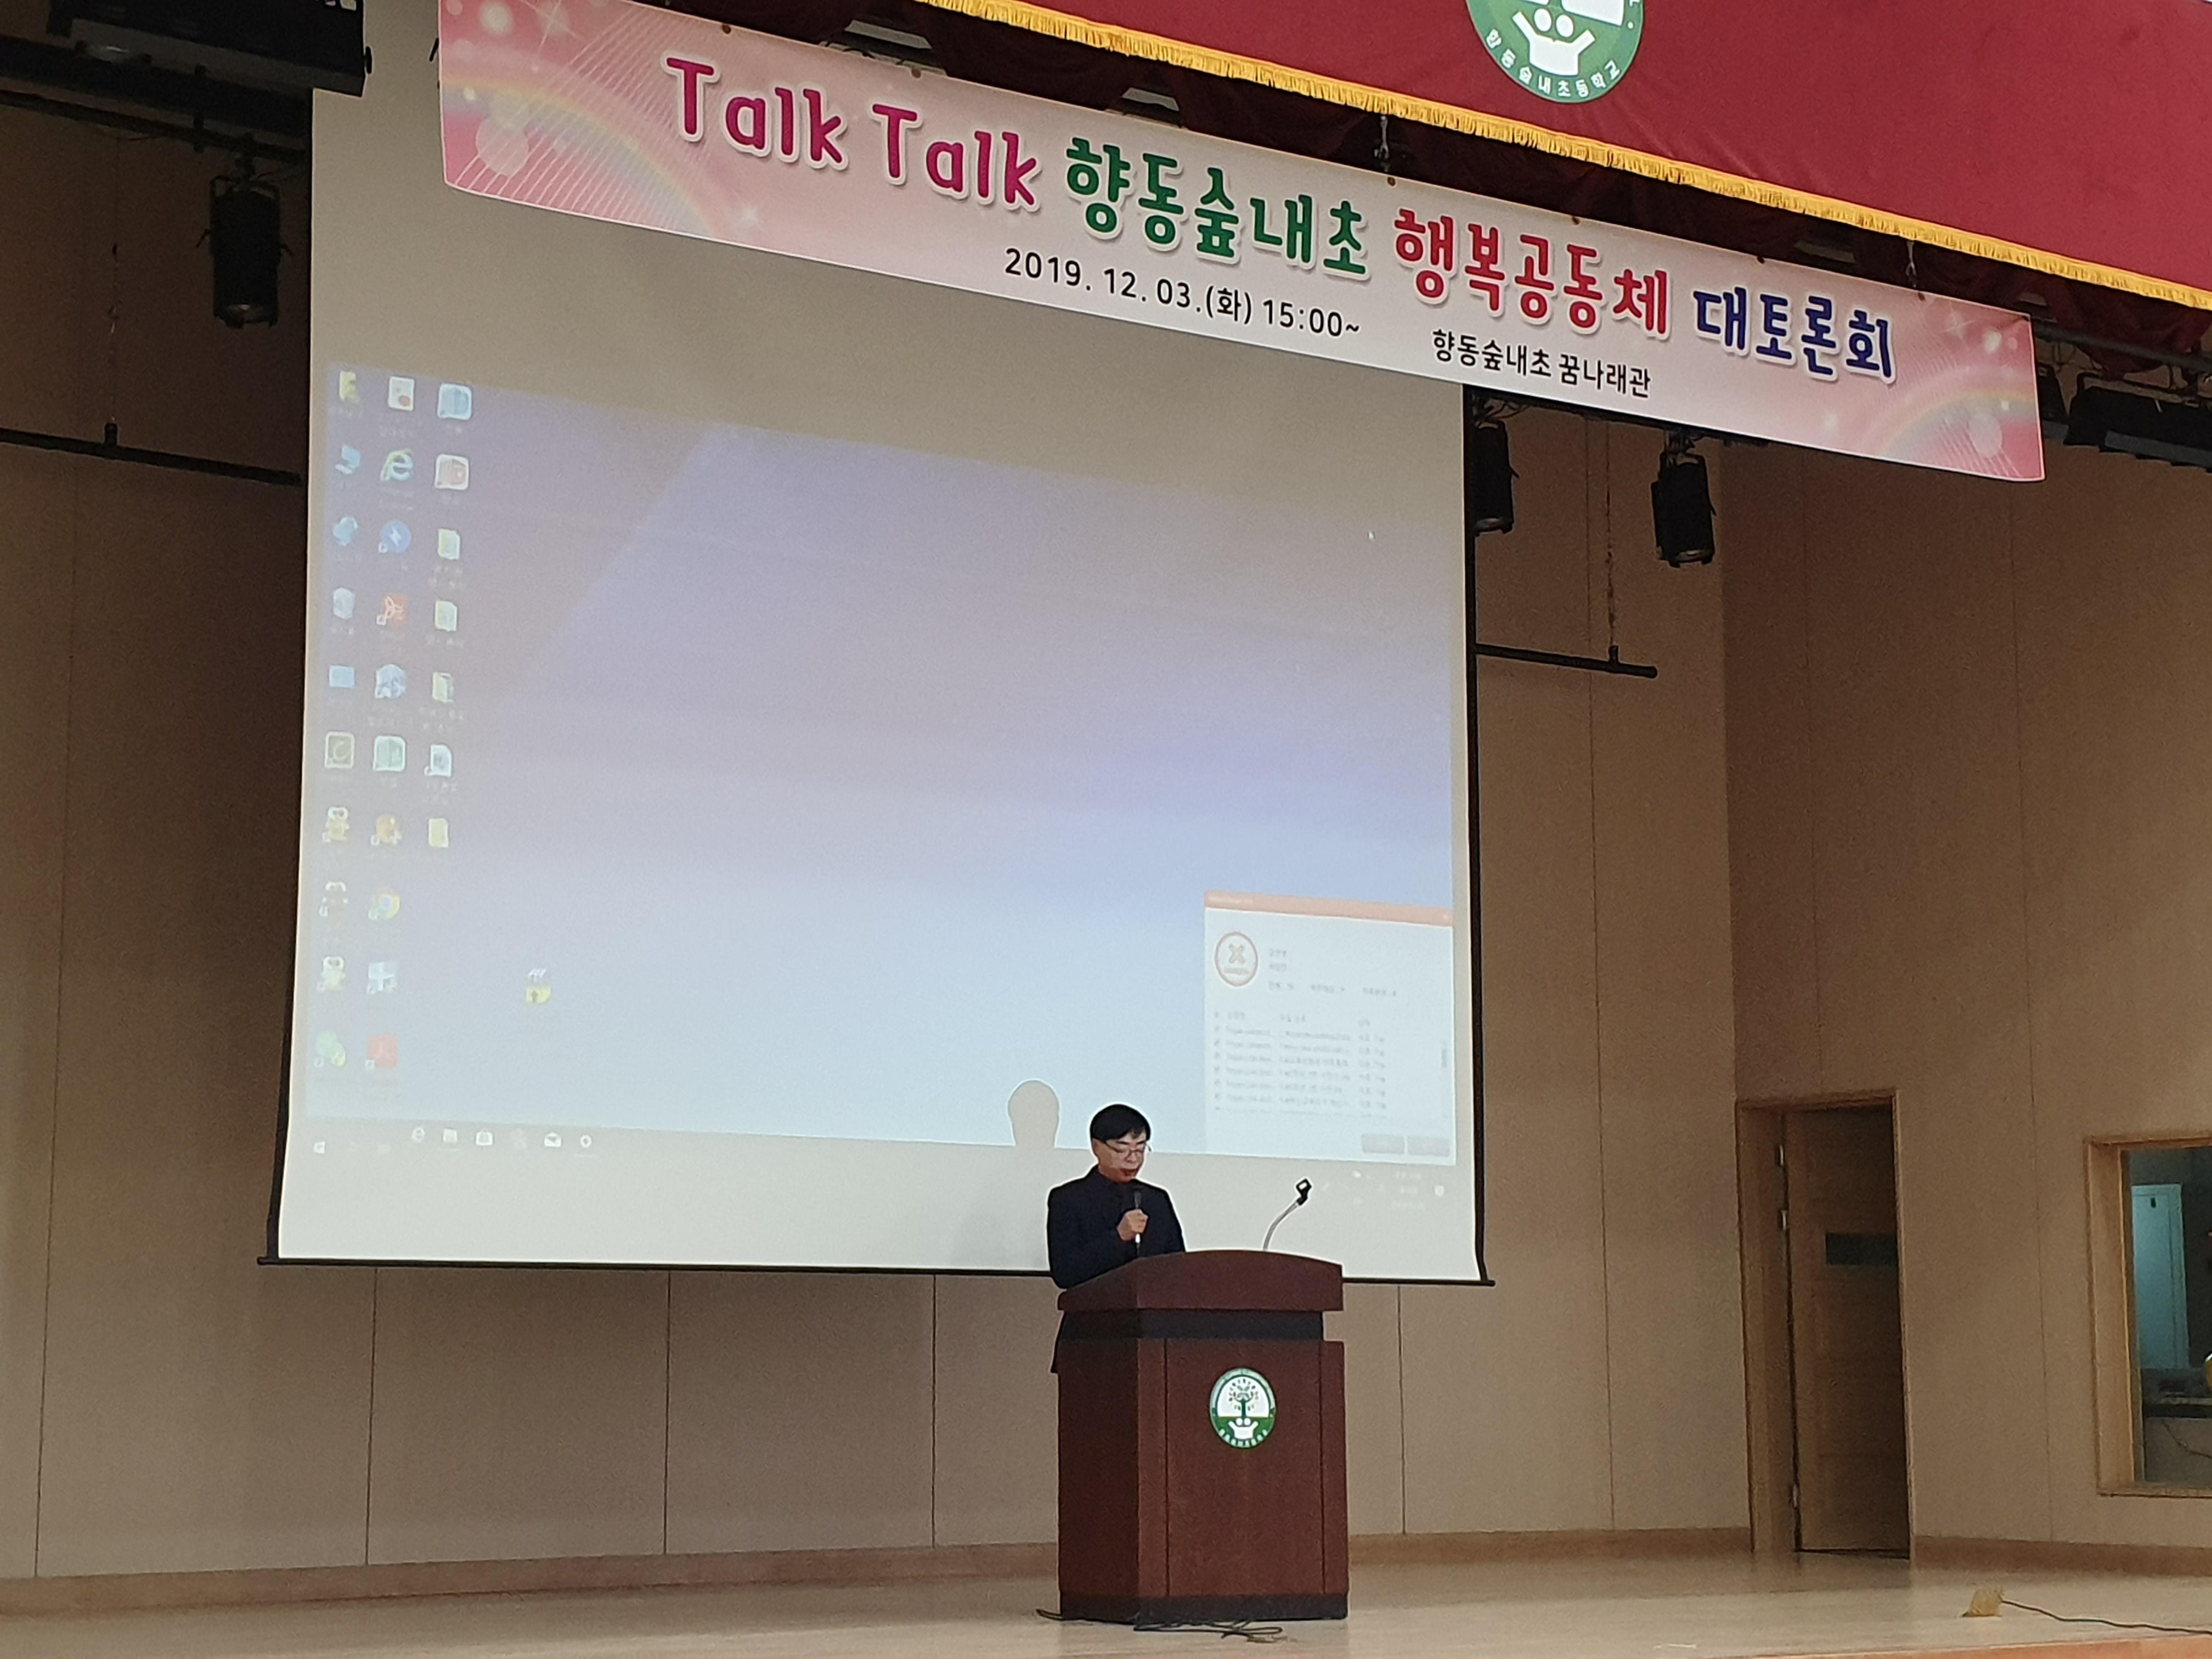 [일반] [2019.12.03.] 교육과정 대토론회 실시의 첨부이미지 1